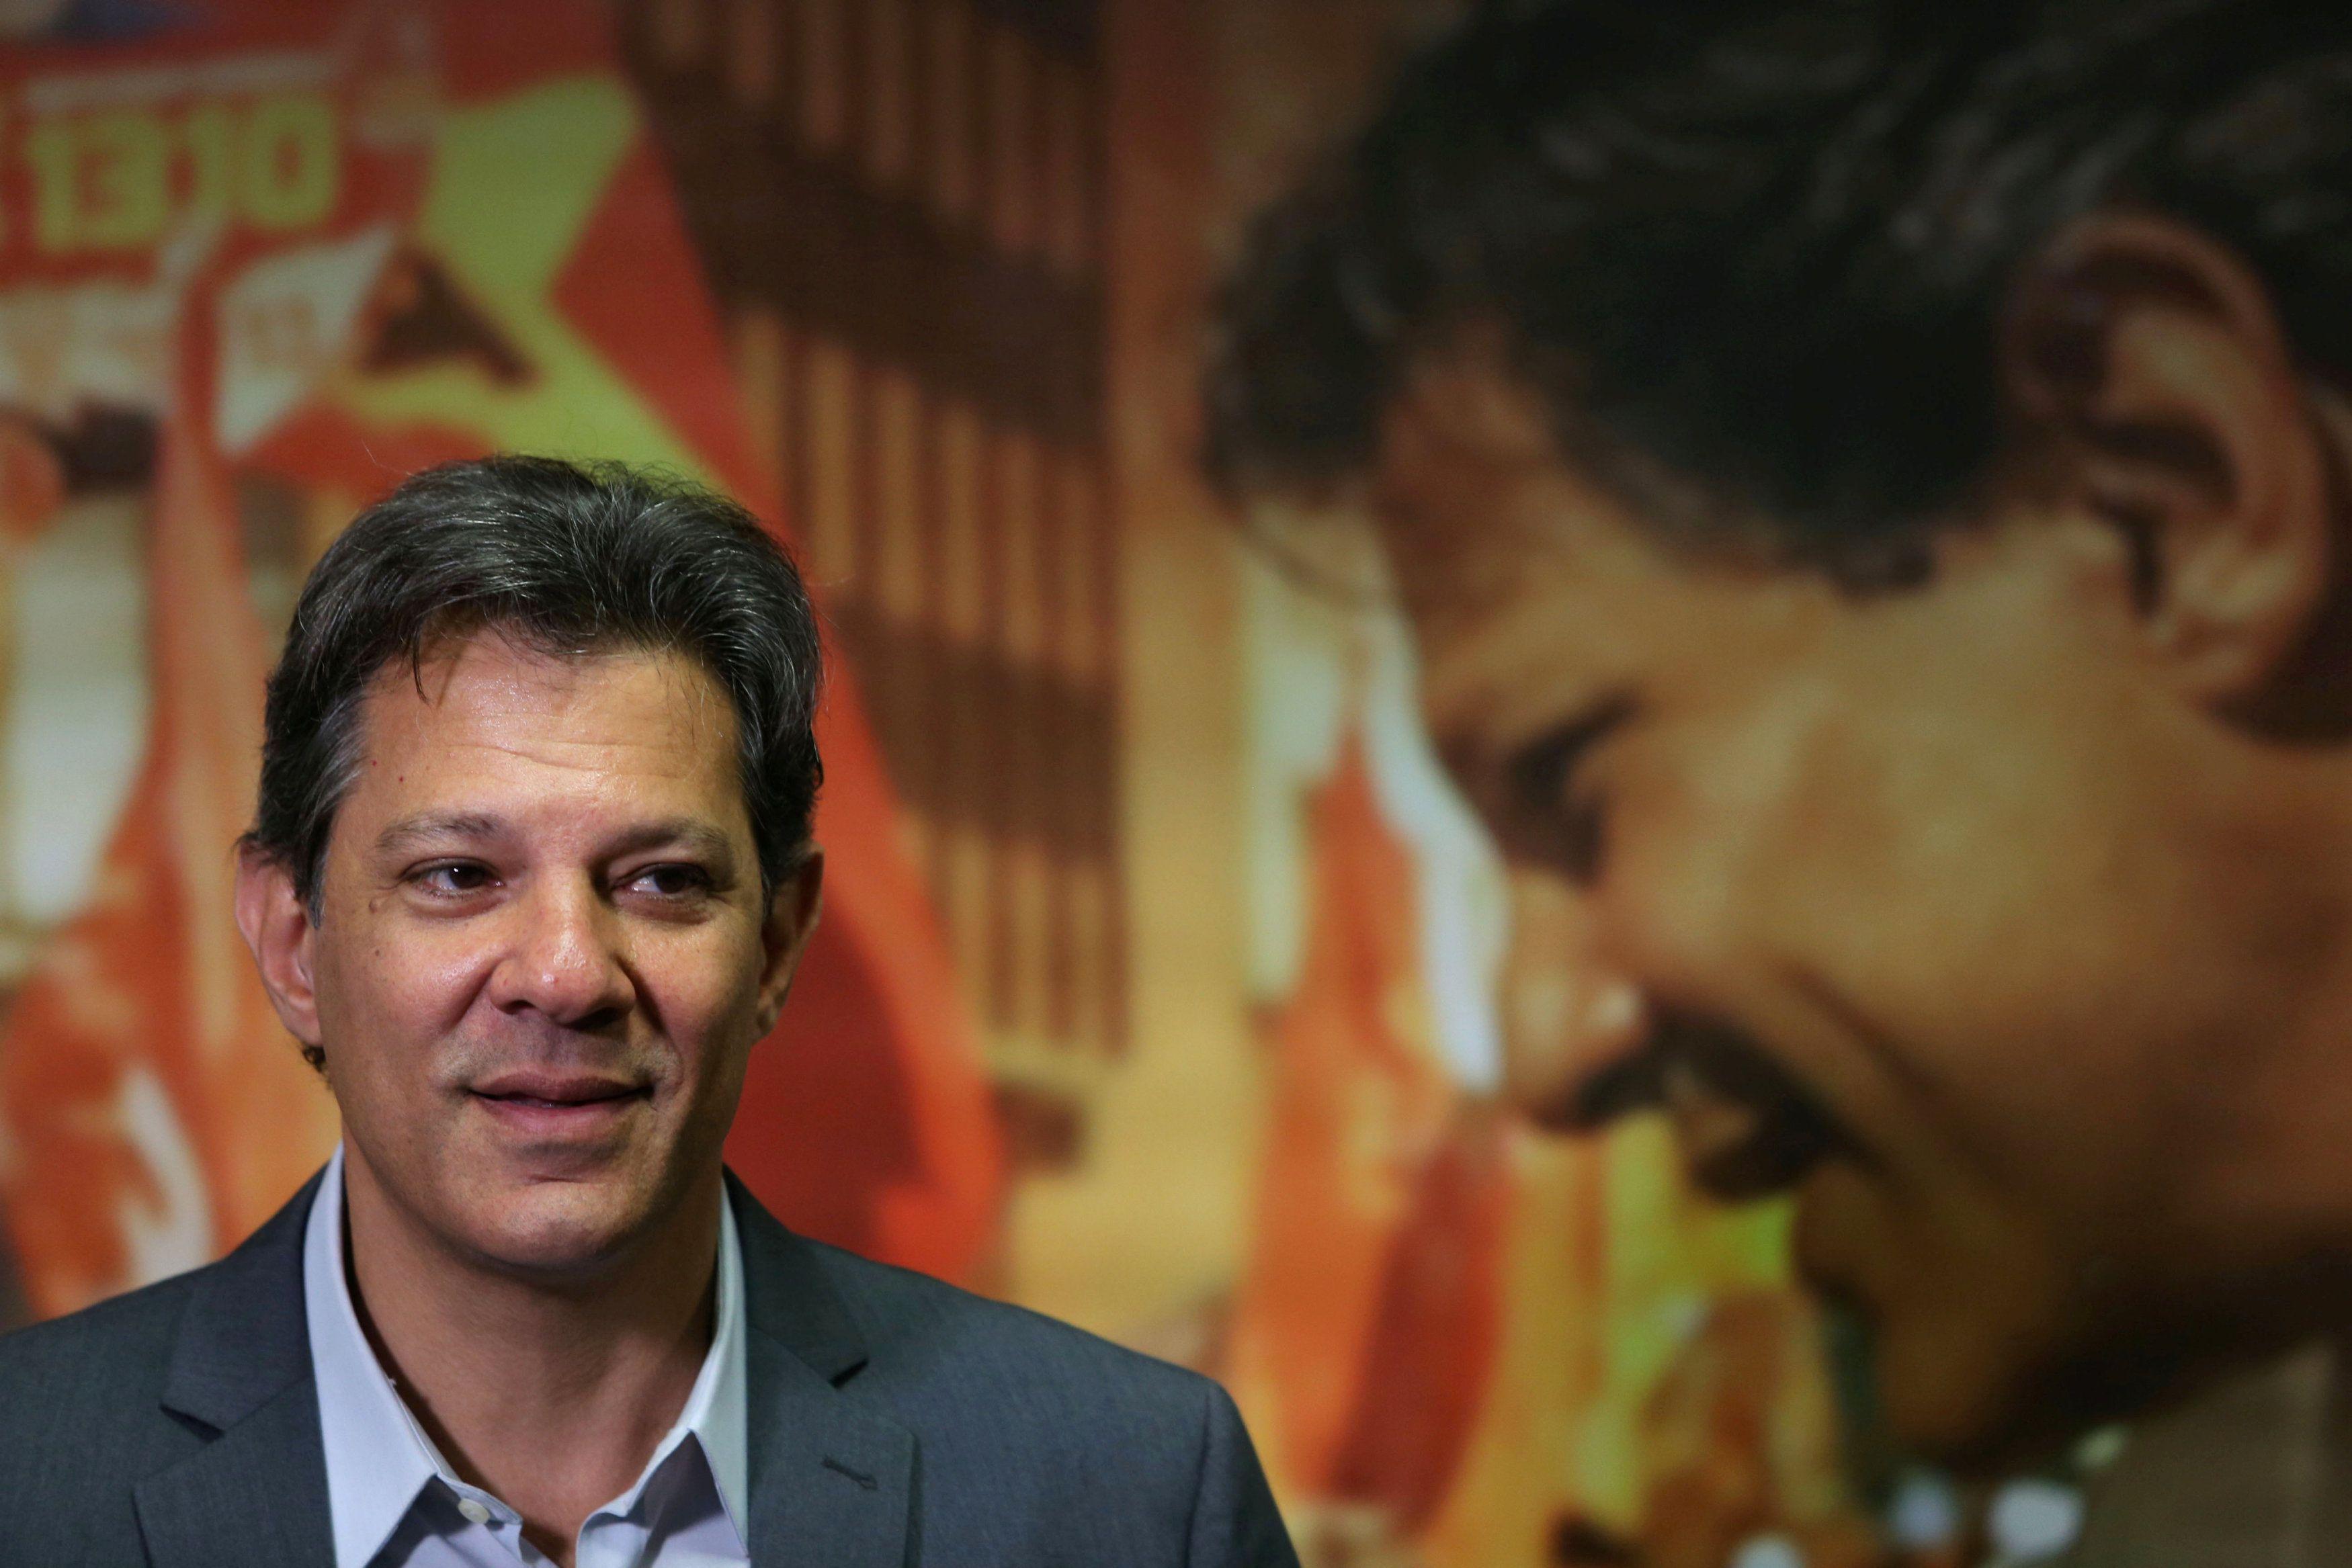 Datafolha: Un 16 % separa a Haddad de Bolsonaro en Brasil